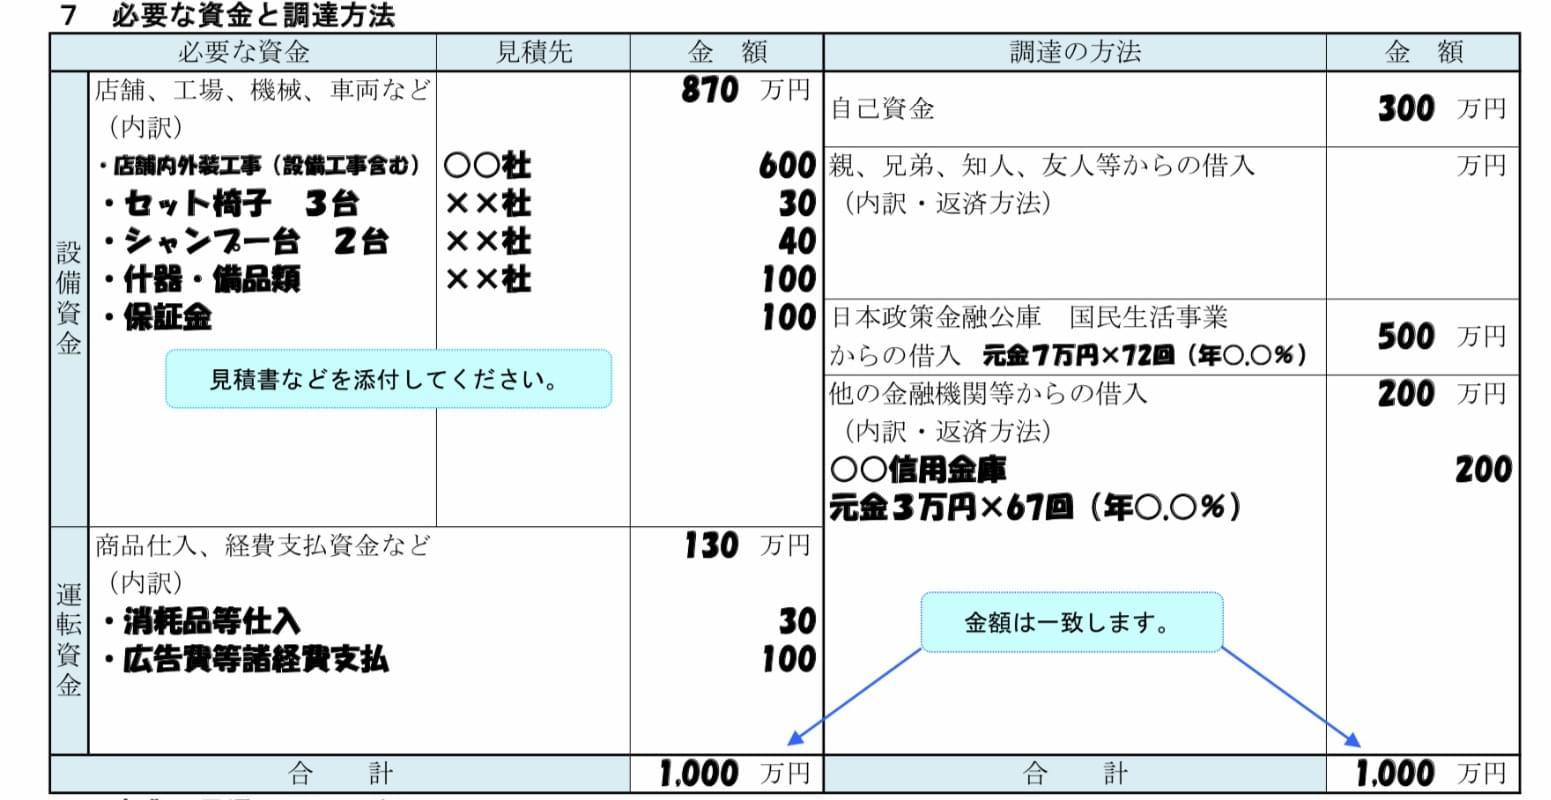 image21(2)